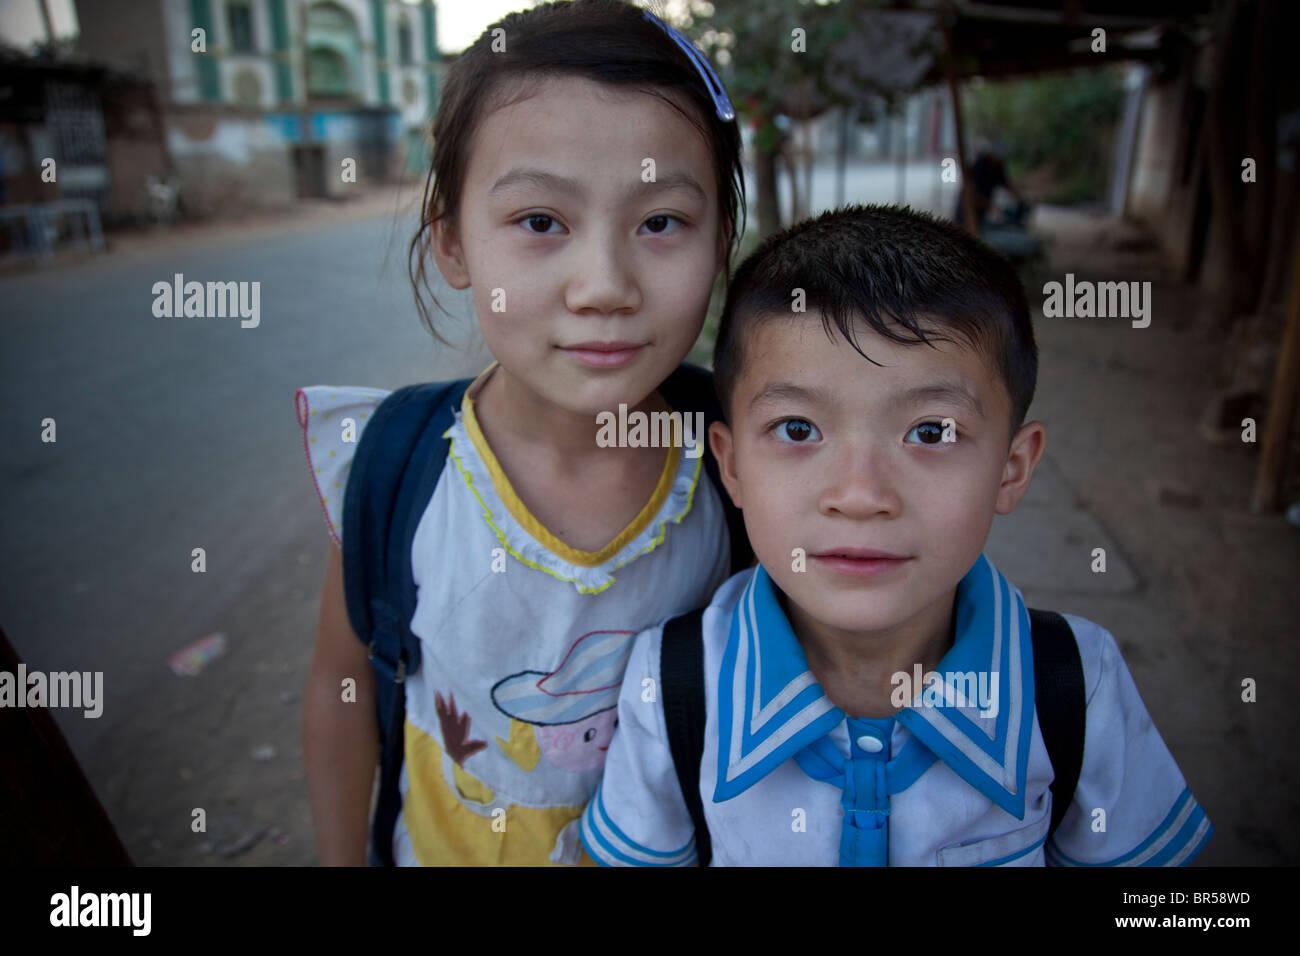 Boy and girl in Turpan Xinjiang China. - Stock Image